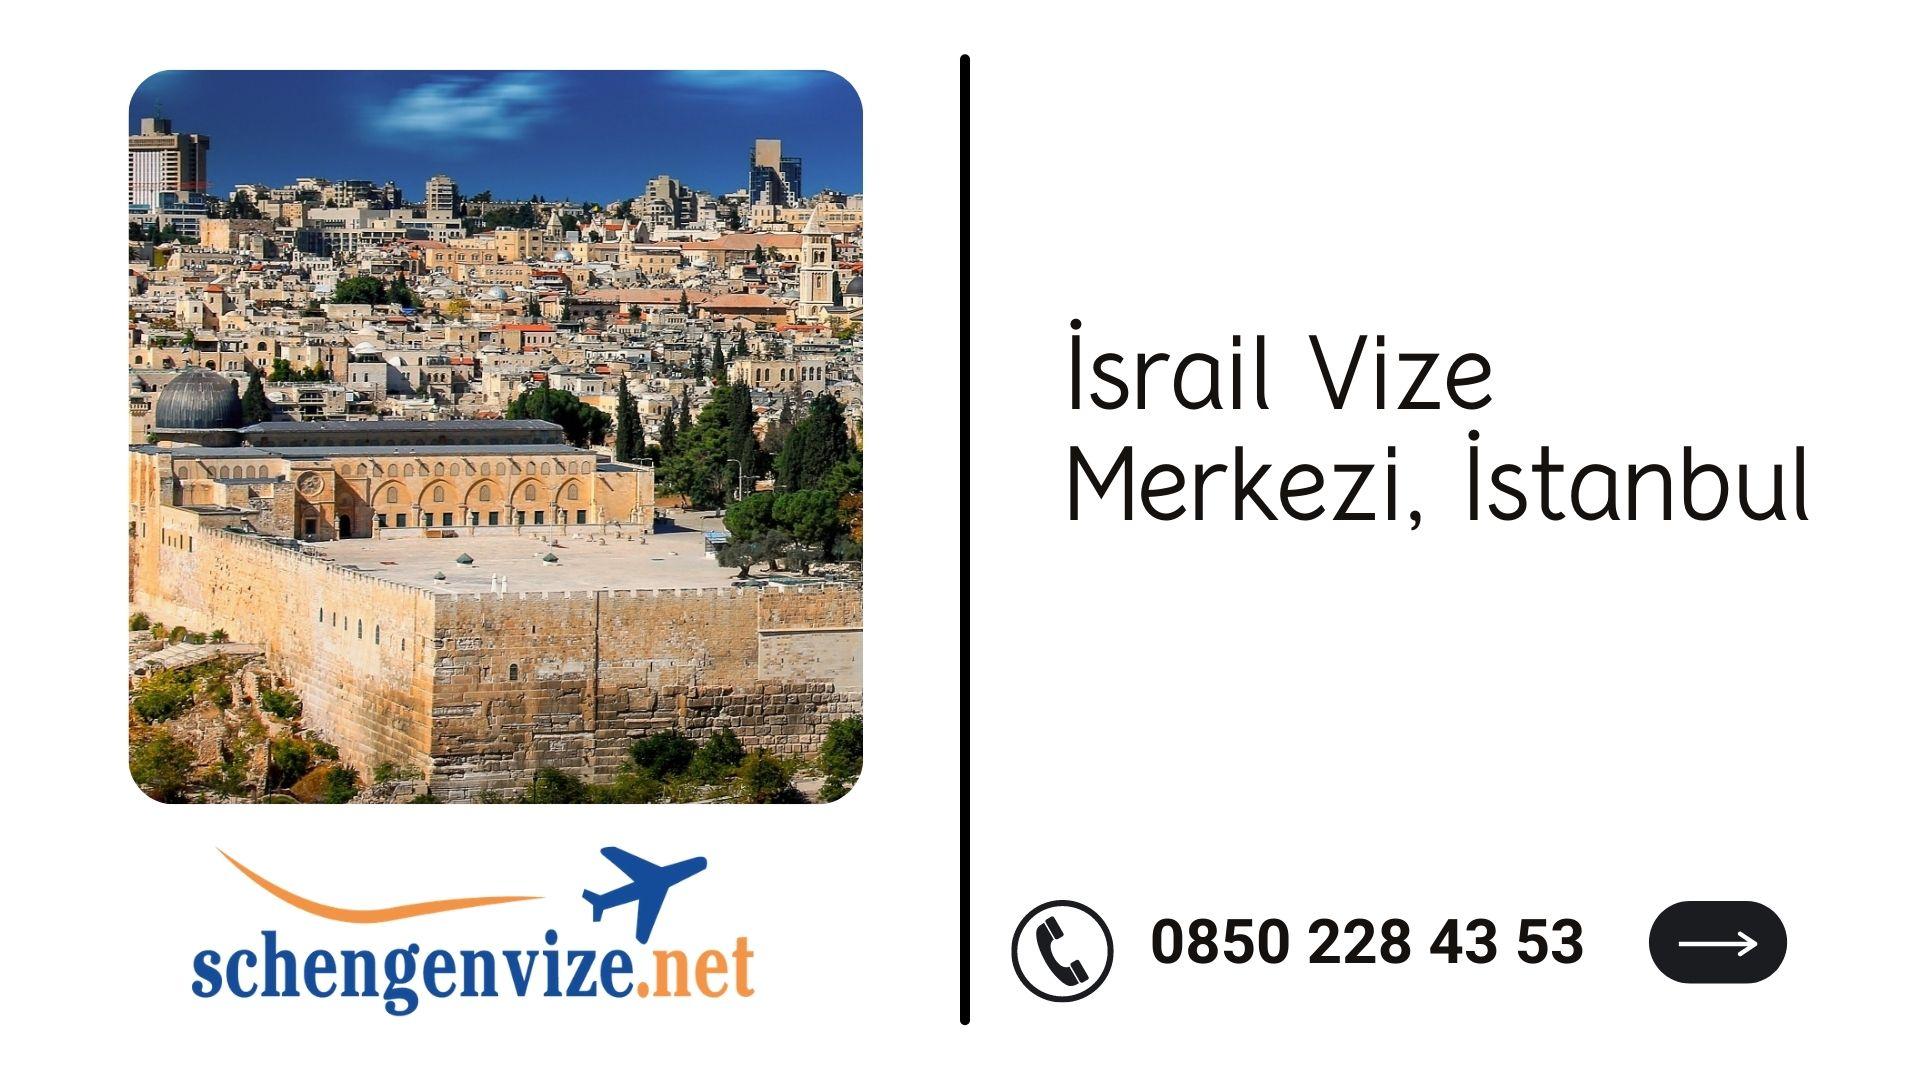 İsrail Vize Merkezi, İstanbul